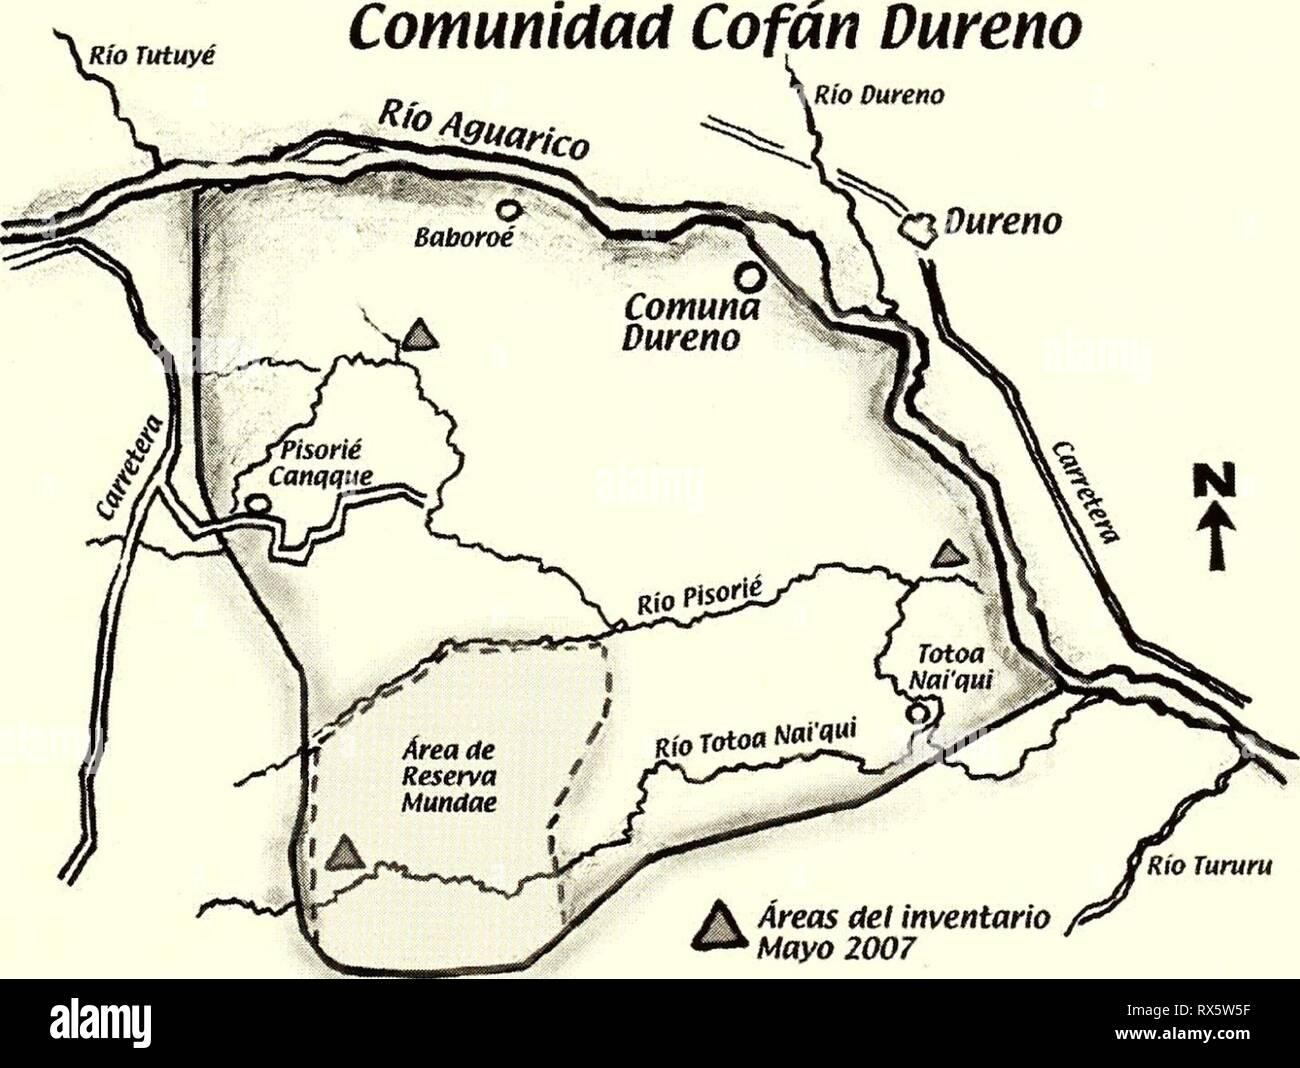 Ecuador territorio Cofán Dureno Ecuador : territorio Cofán Dureno ecuadorterritor192007borm Año: 2007 Conservación en Dureno ESTATUS ACTUAL El pueblo Cofán recibió el título oficial de las 9,469 hectáreas del territorio Dureno en 1978. Su lucha por defender su territorio ancestral de los cambios dramáticos arrasando la zona ya había empezado años atrás, en la década de los 60s. La presión sobre el Territorio Dureno real, que ahora es un fragmento de bosque aislado, sigue aumentando. En el año 2005, los Cofán implementaron anu zonificación en su territorio, en la cual establecieron anu zon Imagen De Stock